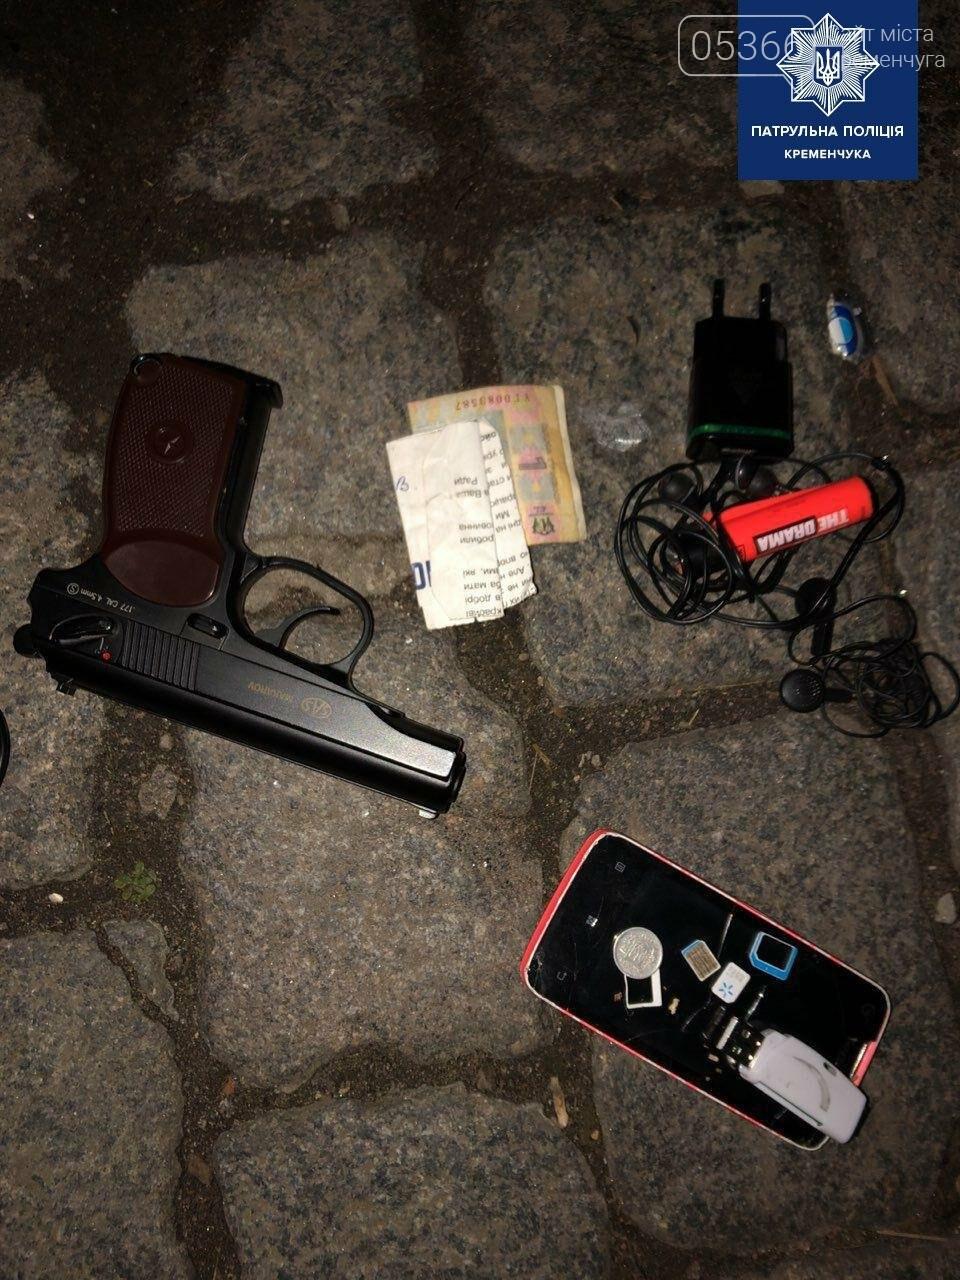 У Кременчуці чоловік розмахував пістолетом у натовпі. Фото, фото-1